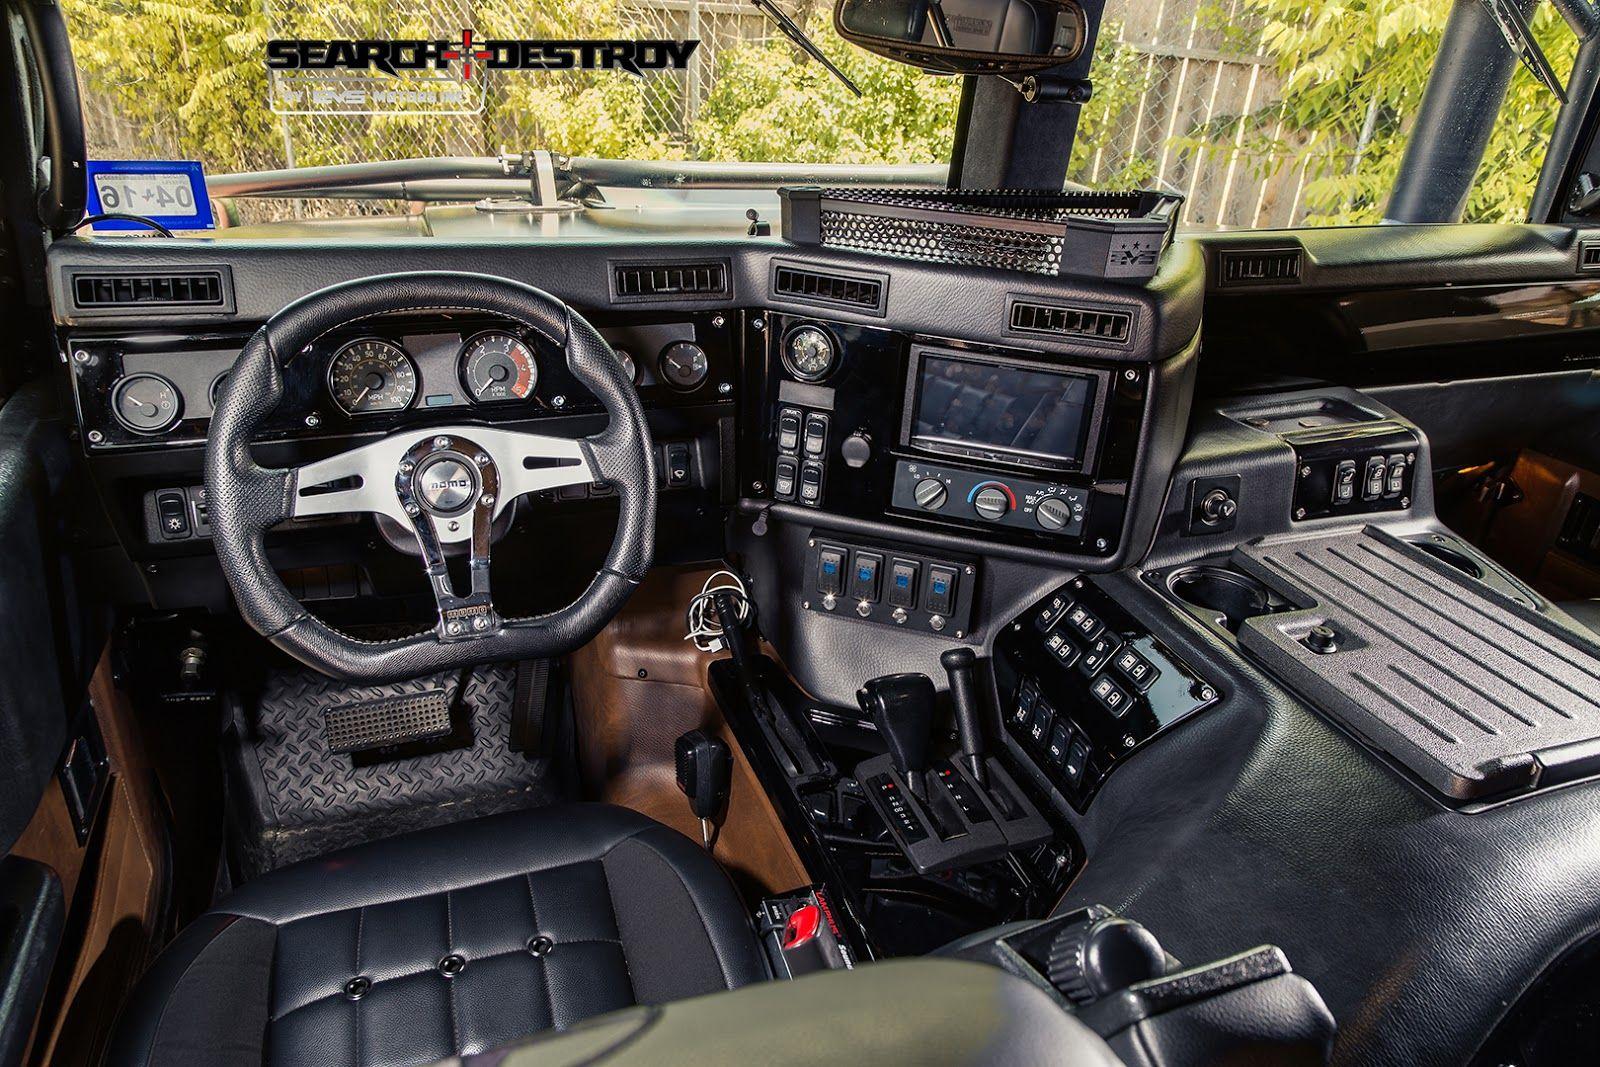 accessoire remorque interieur voiture h3 hummer intrieur camion camion tactique camion